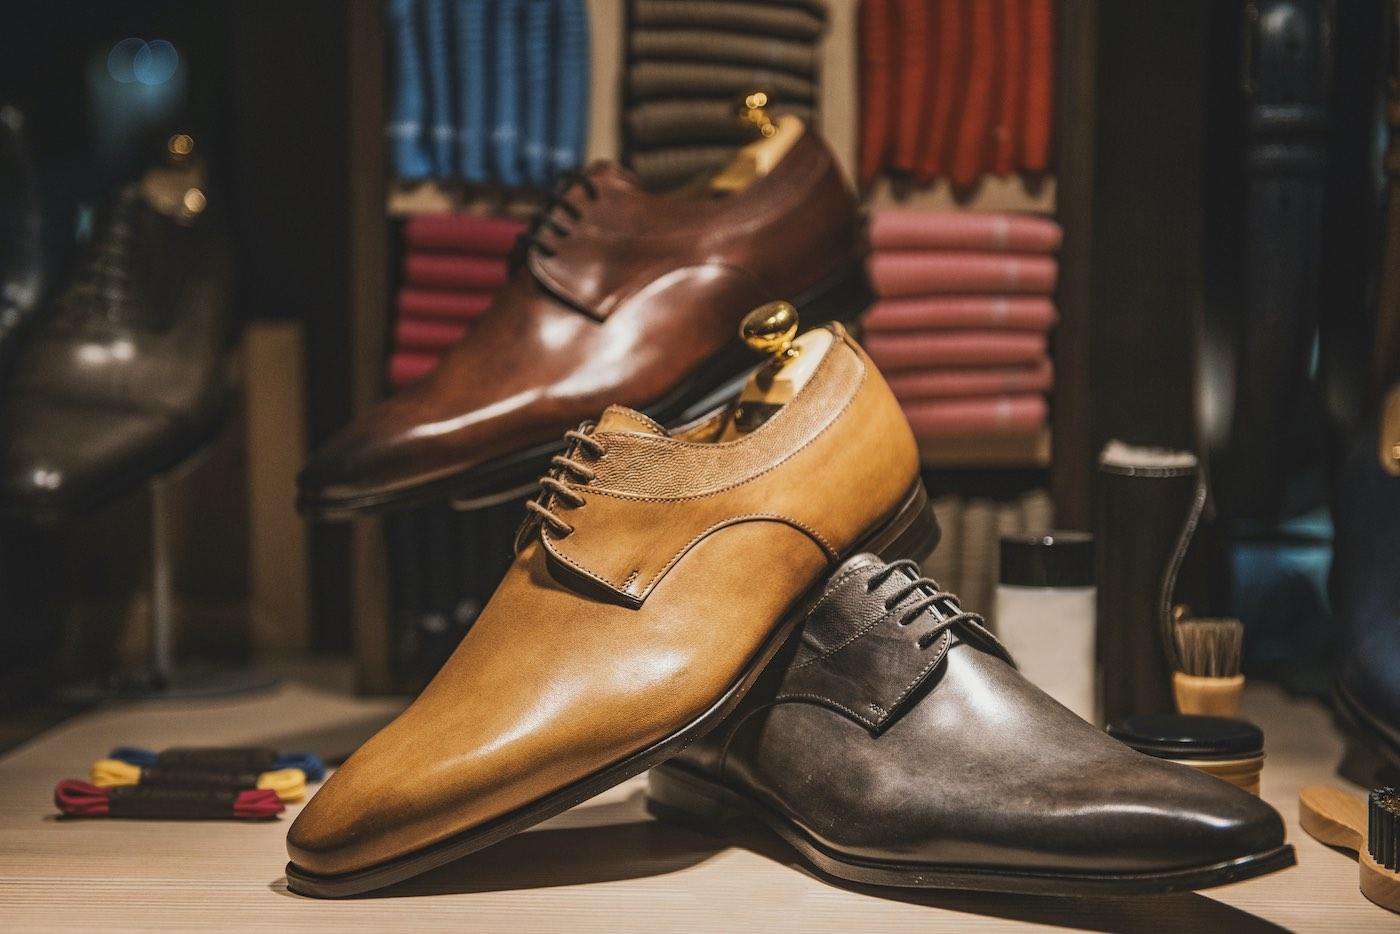 5V, el lujo a los pies: referente en la industria zapatera de Valverde del Camino